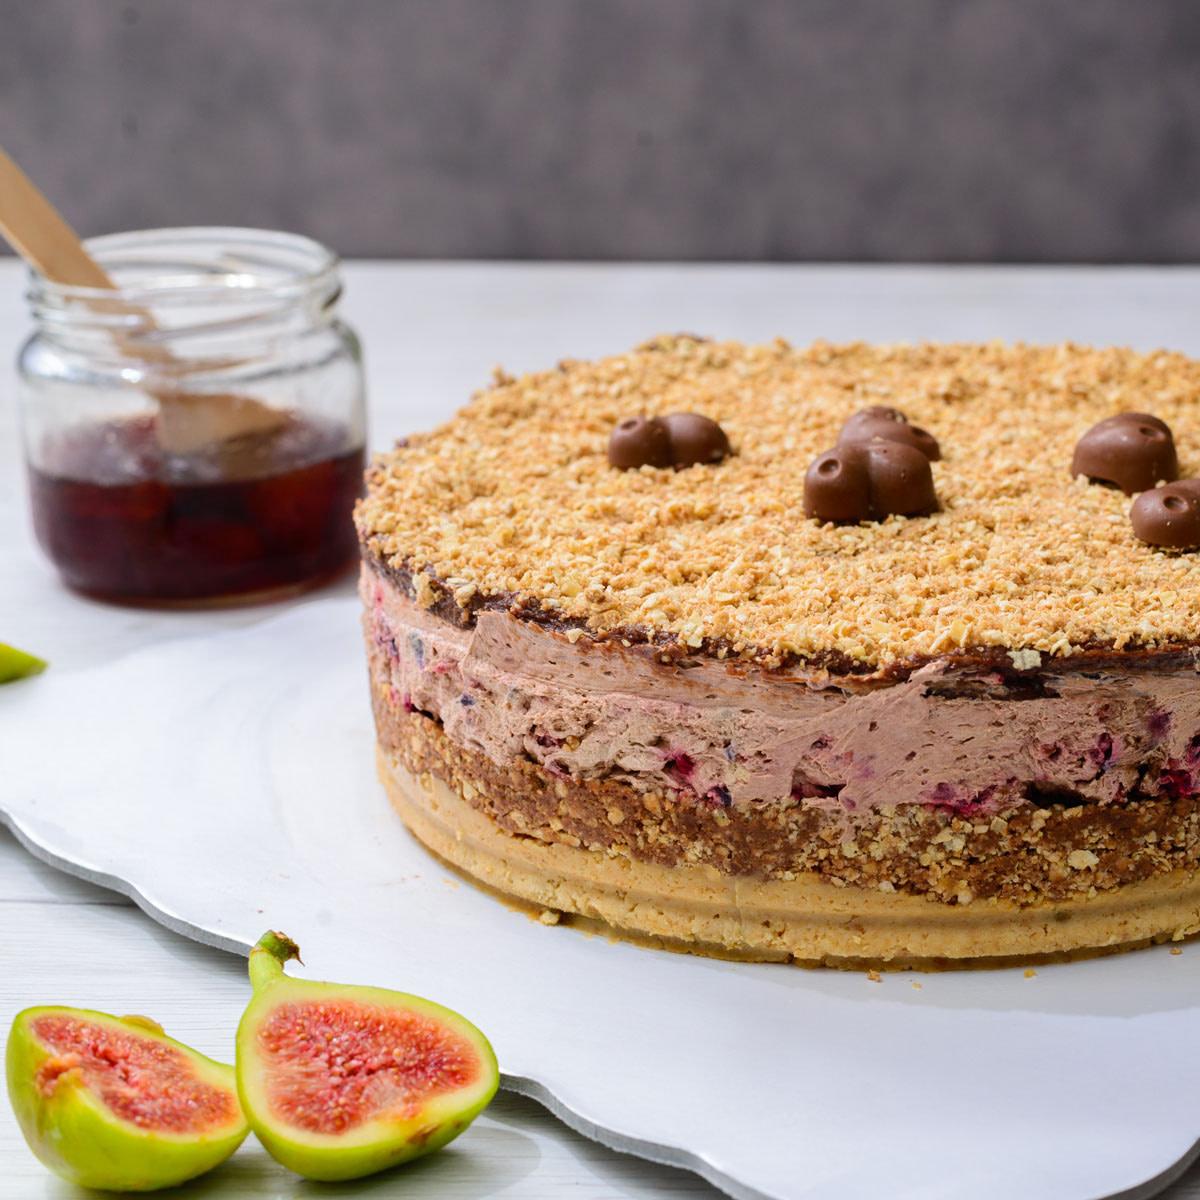 Choco cherry torta